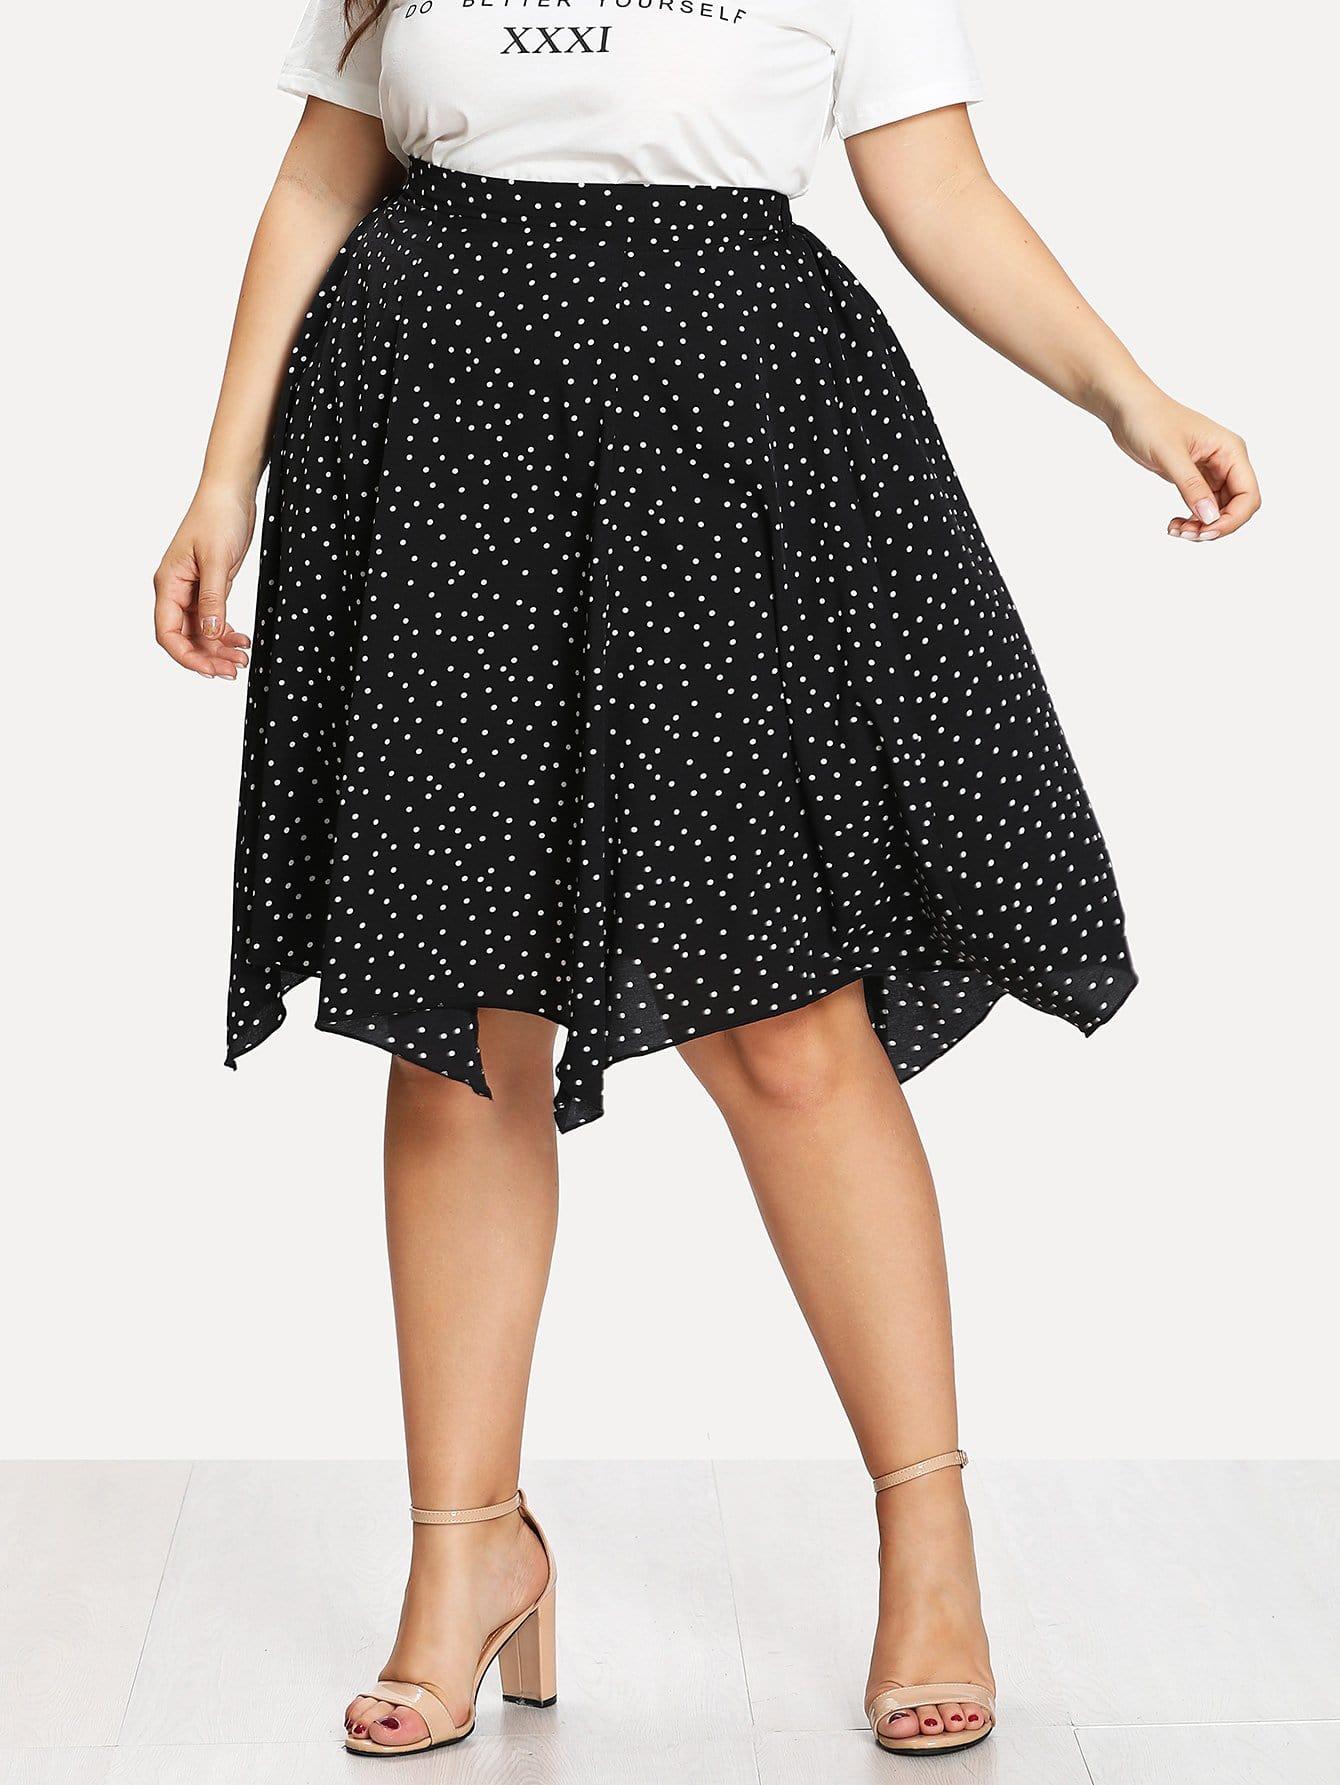 Plus Polka Dot Print Hanky Hem Skirt trendy style high waisted polka dot print high low hem women s skirt